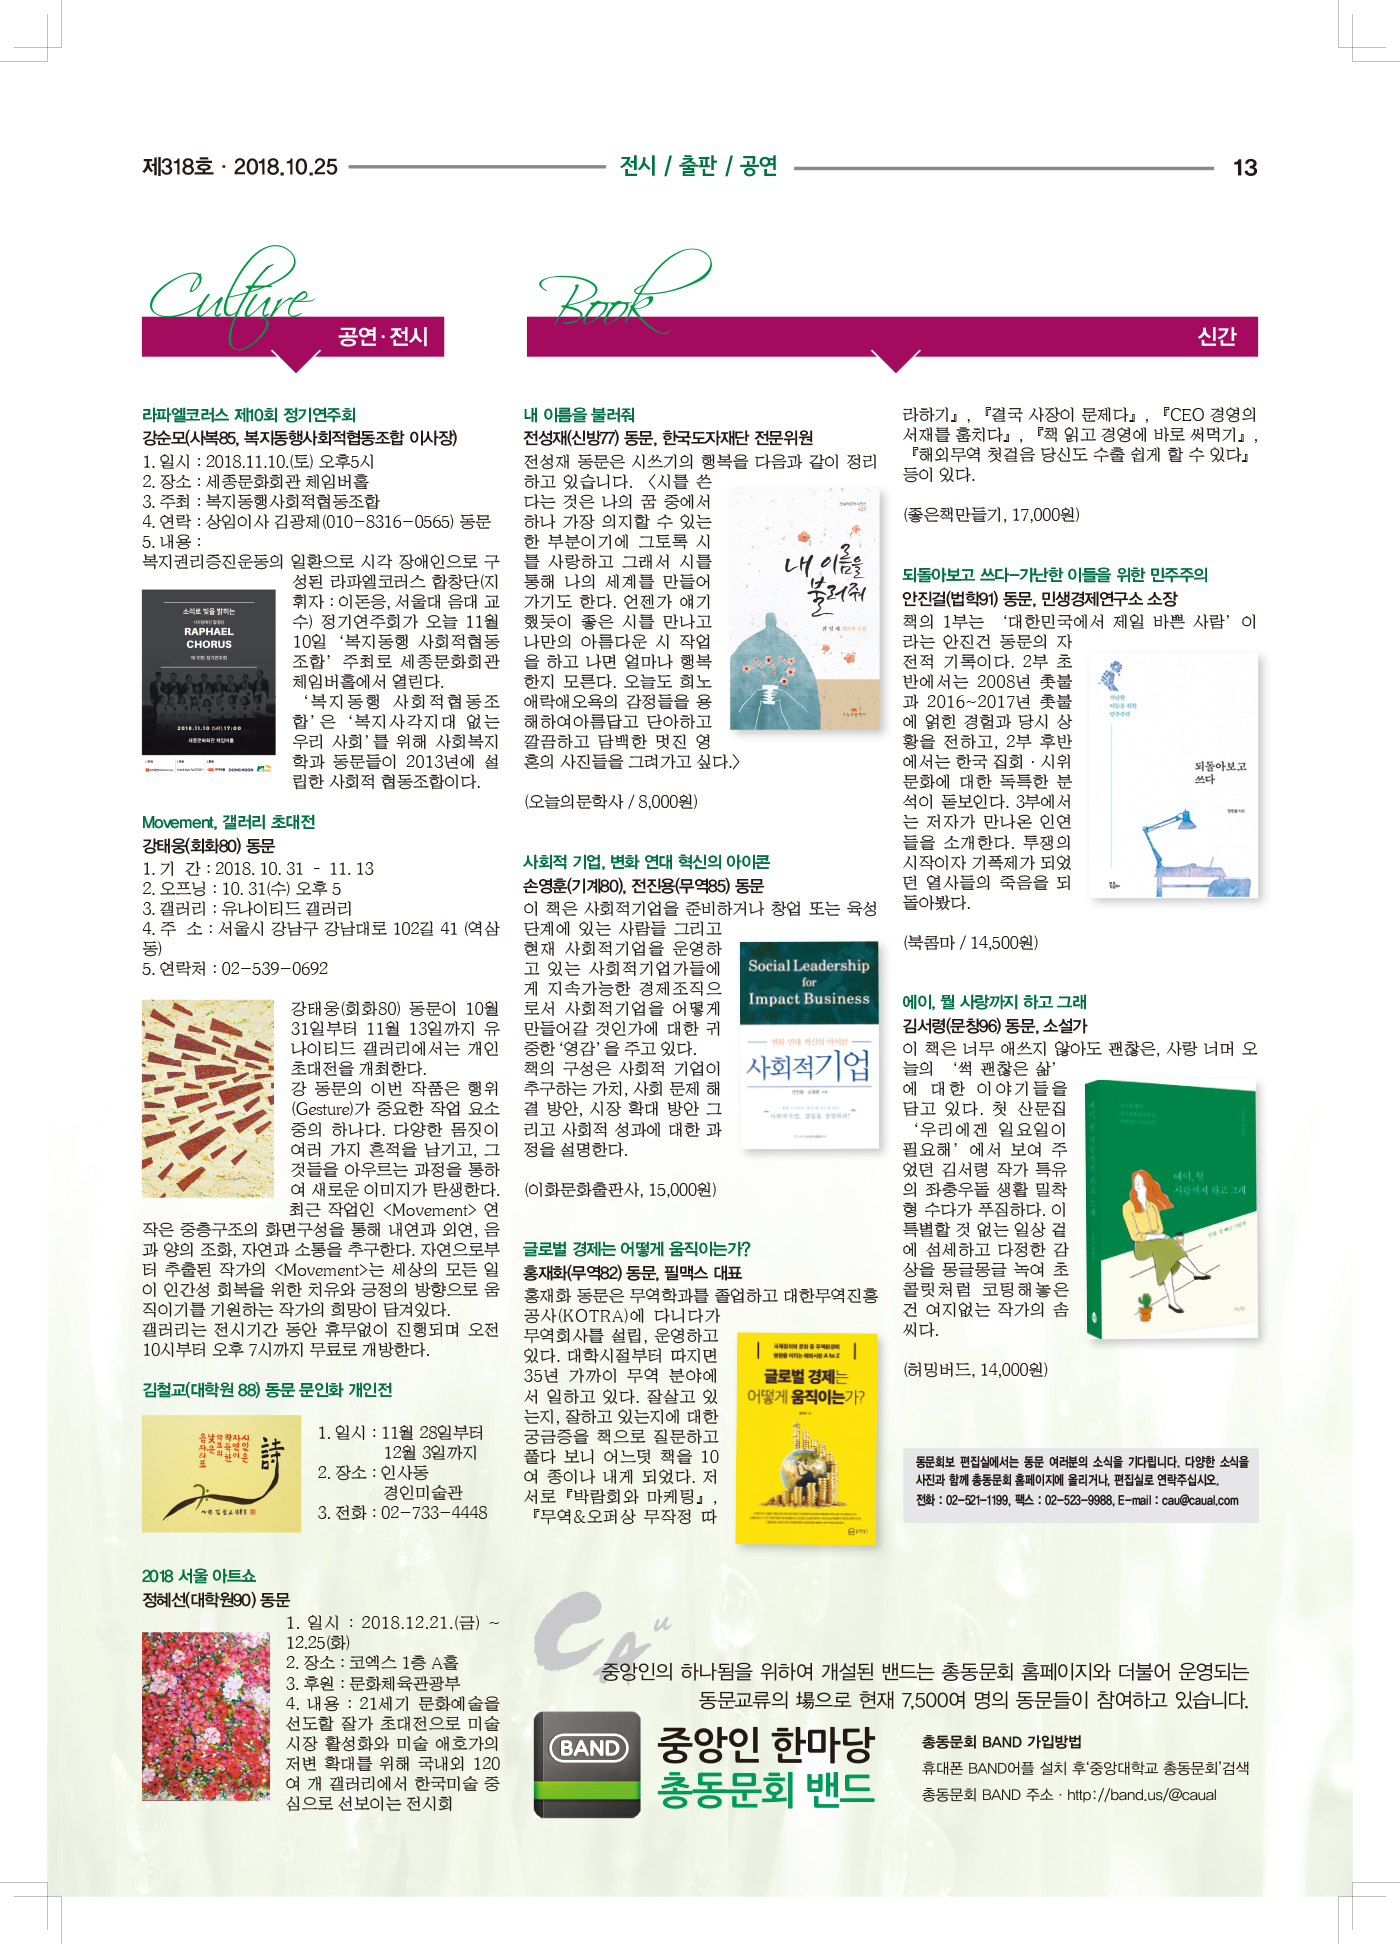 중앙대학교동문318호회보-13.jpg